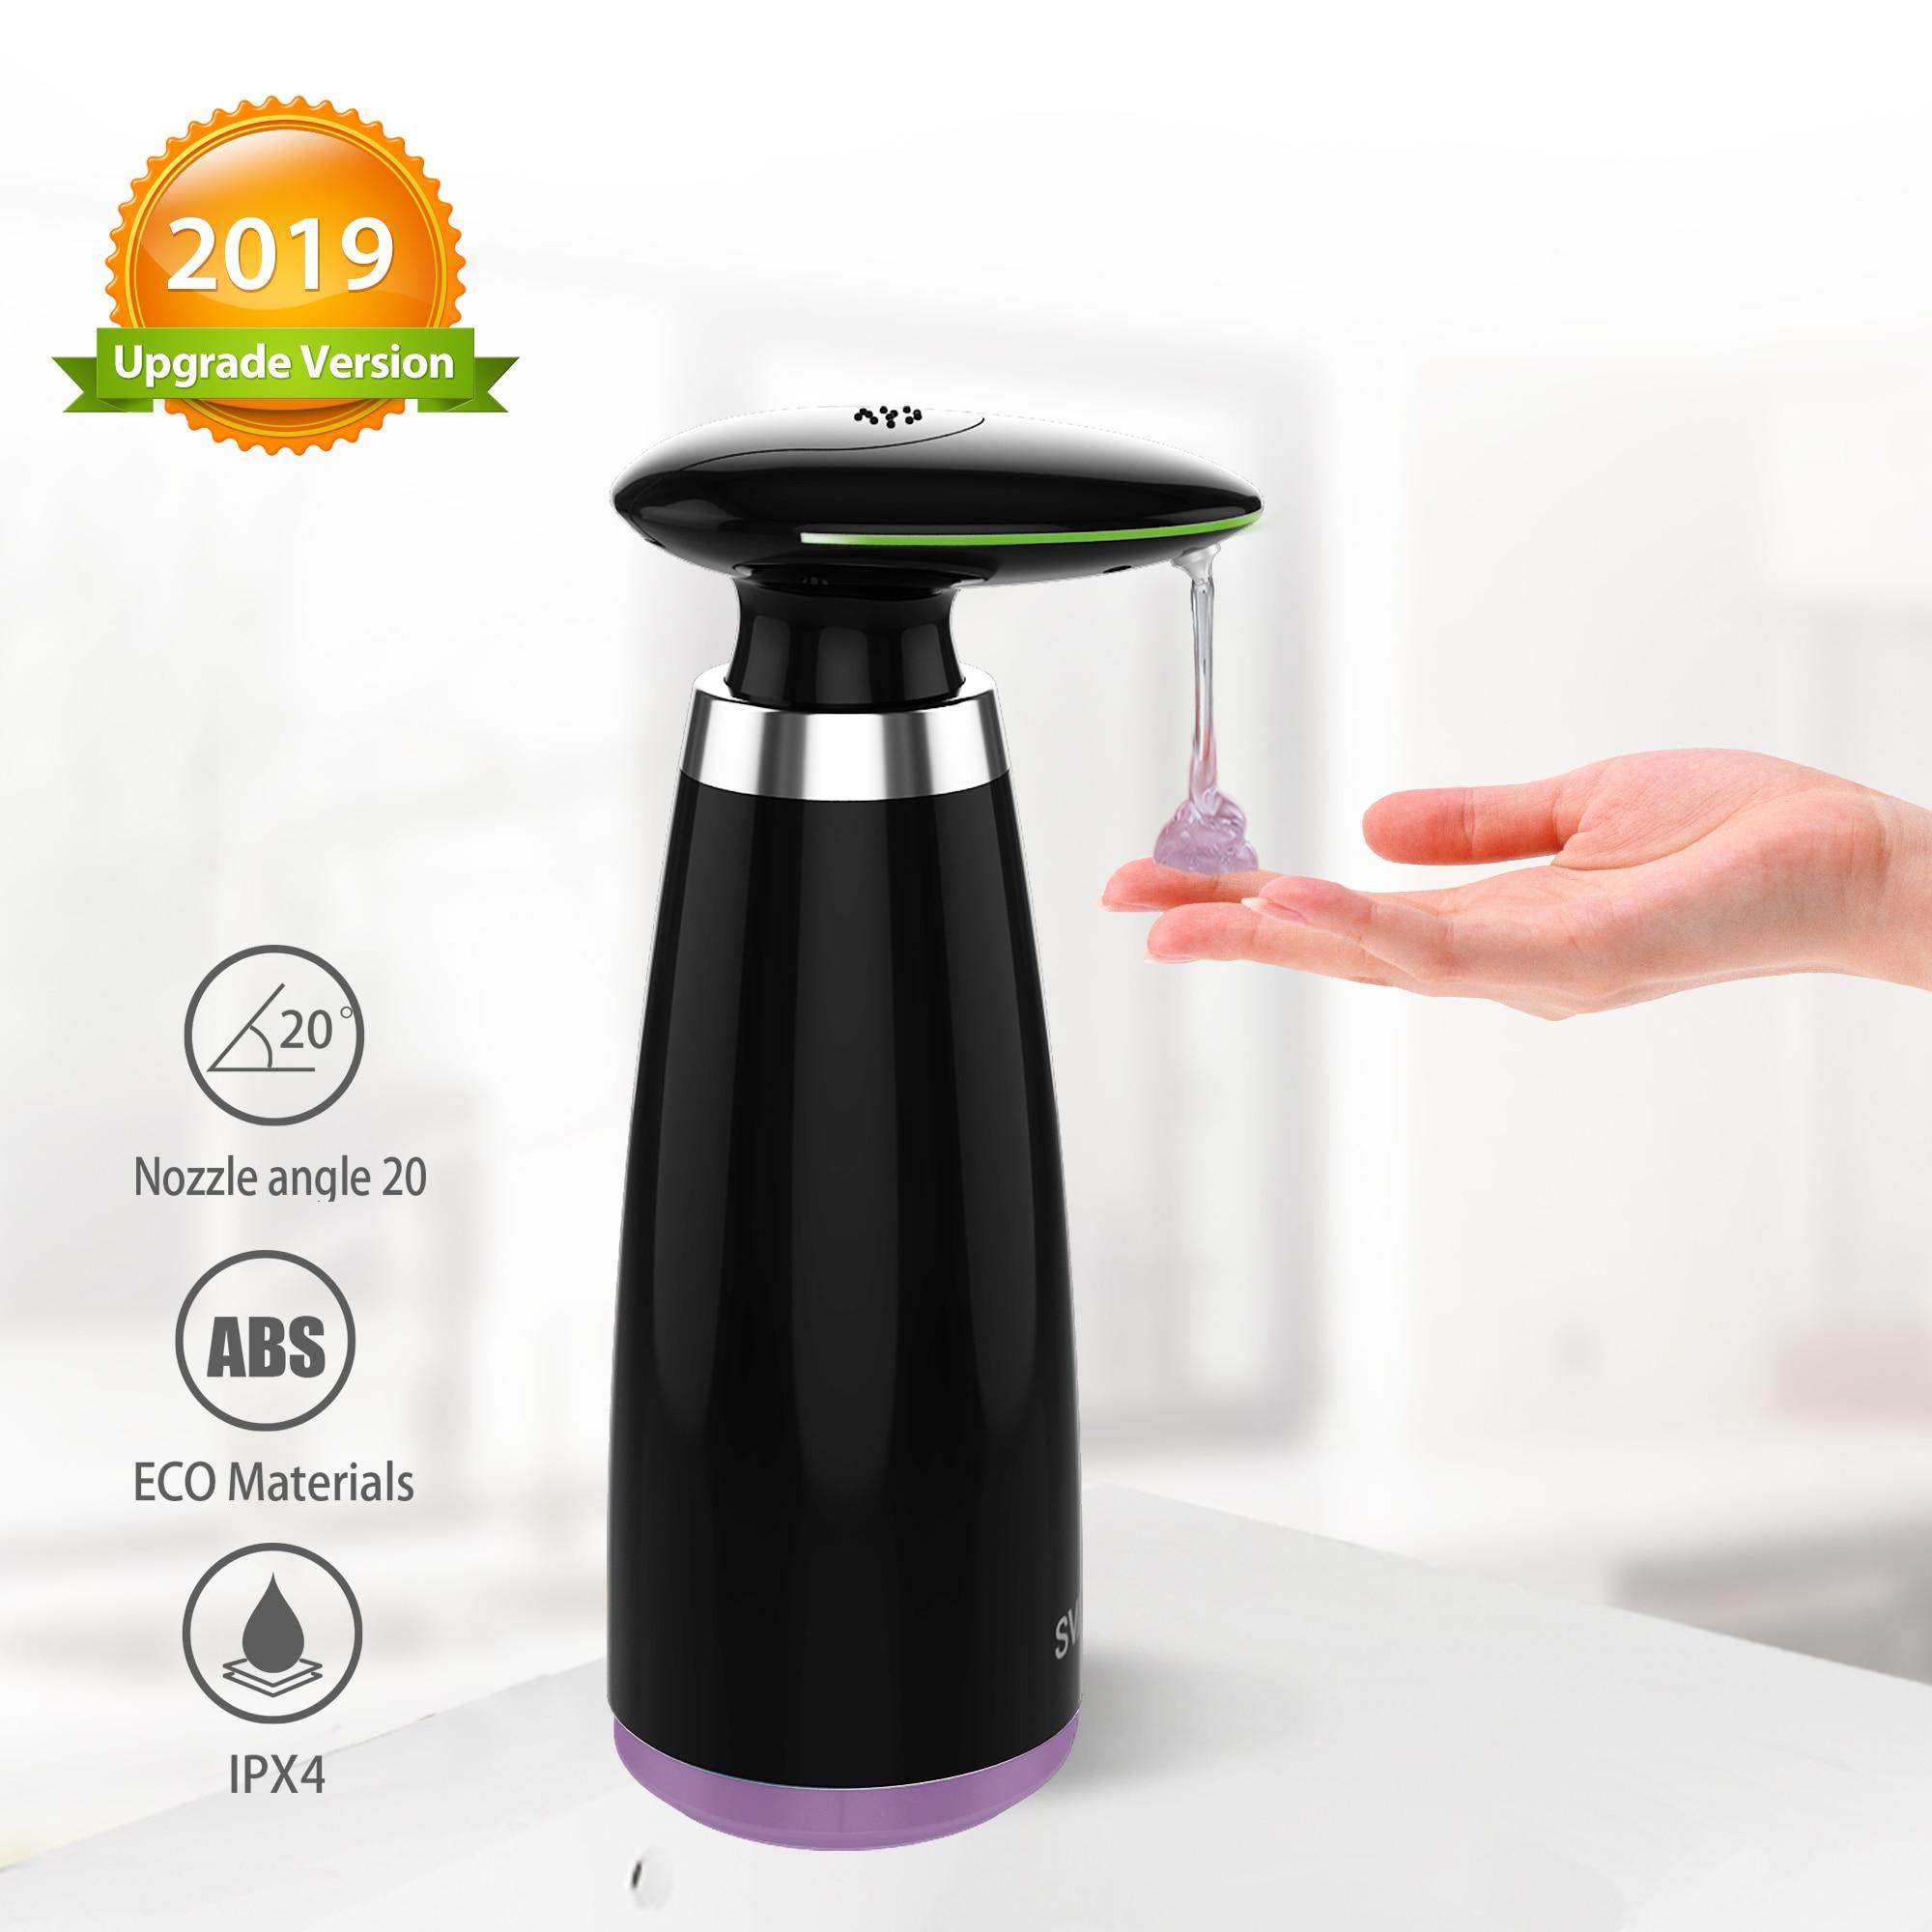 SVAVO 350ml Automatic Soap Dispenser Infrared Touchless Motion Bathroom Dispenser Smart Sensor Liquid Soap Dispenser For Kitchen